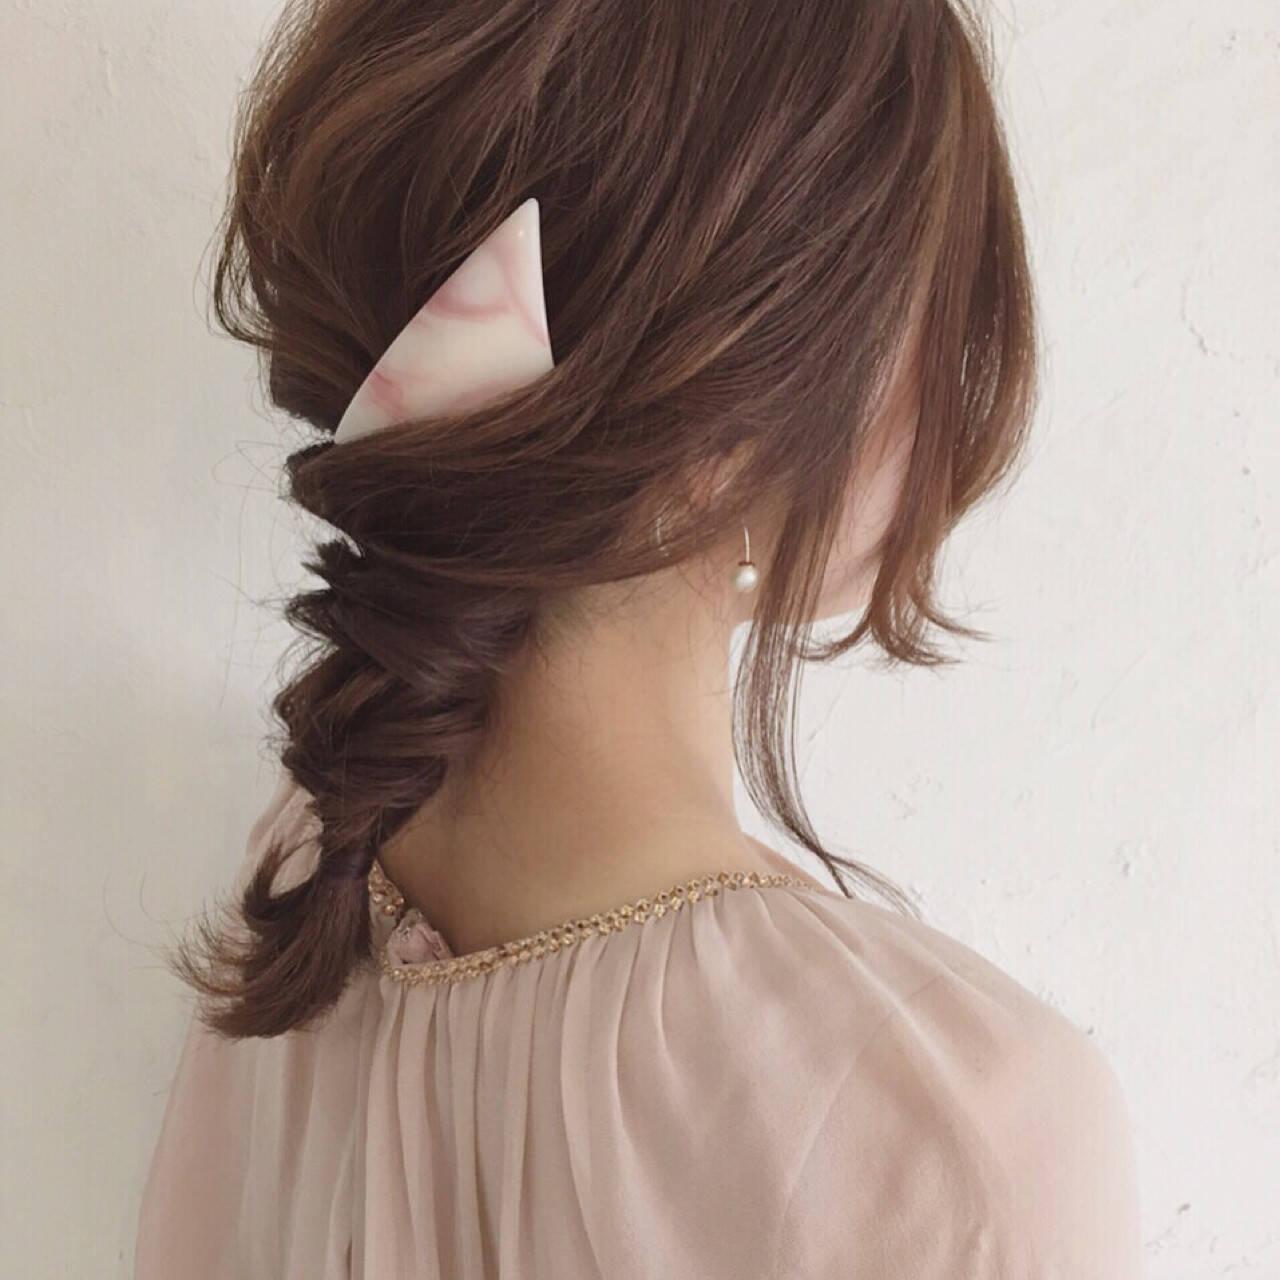 大人かわいい バレッタ 三つ編み ヘアアレンジヘアスタイルや髪型の写真・画像